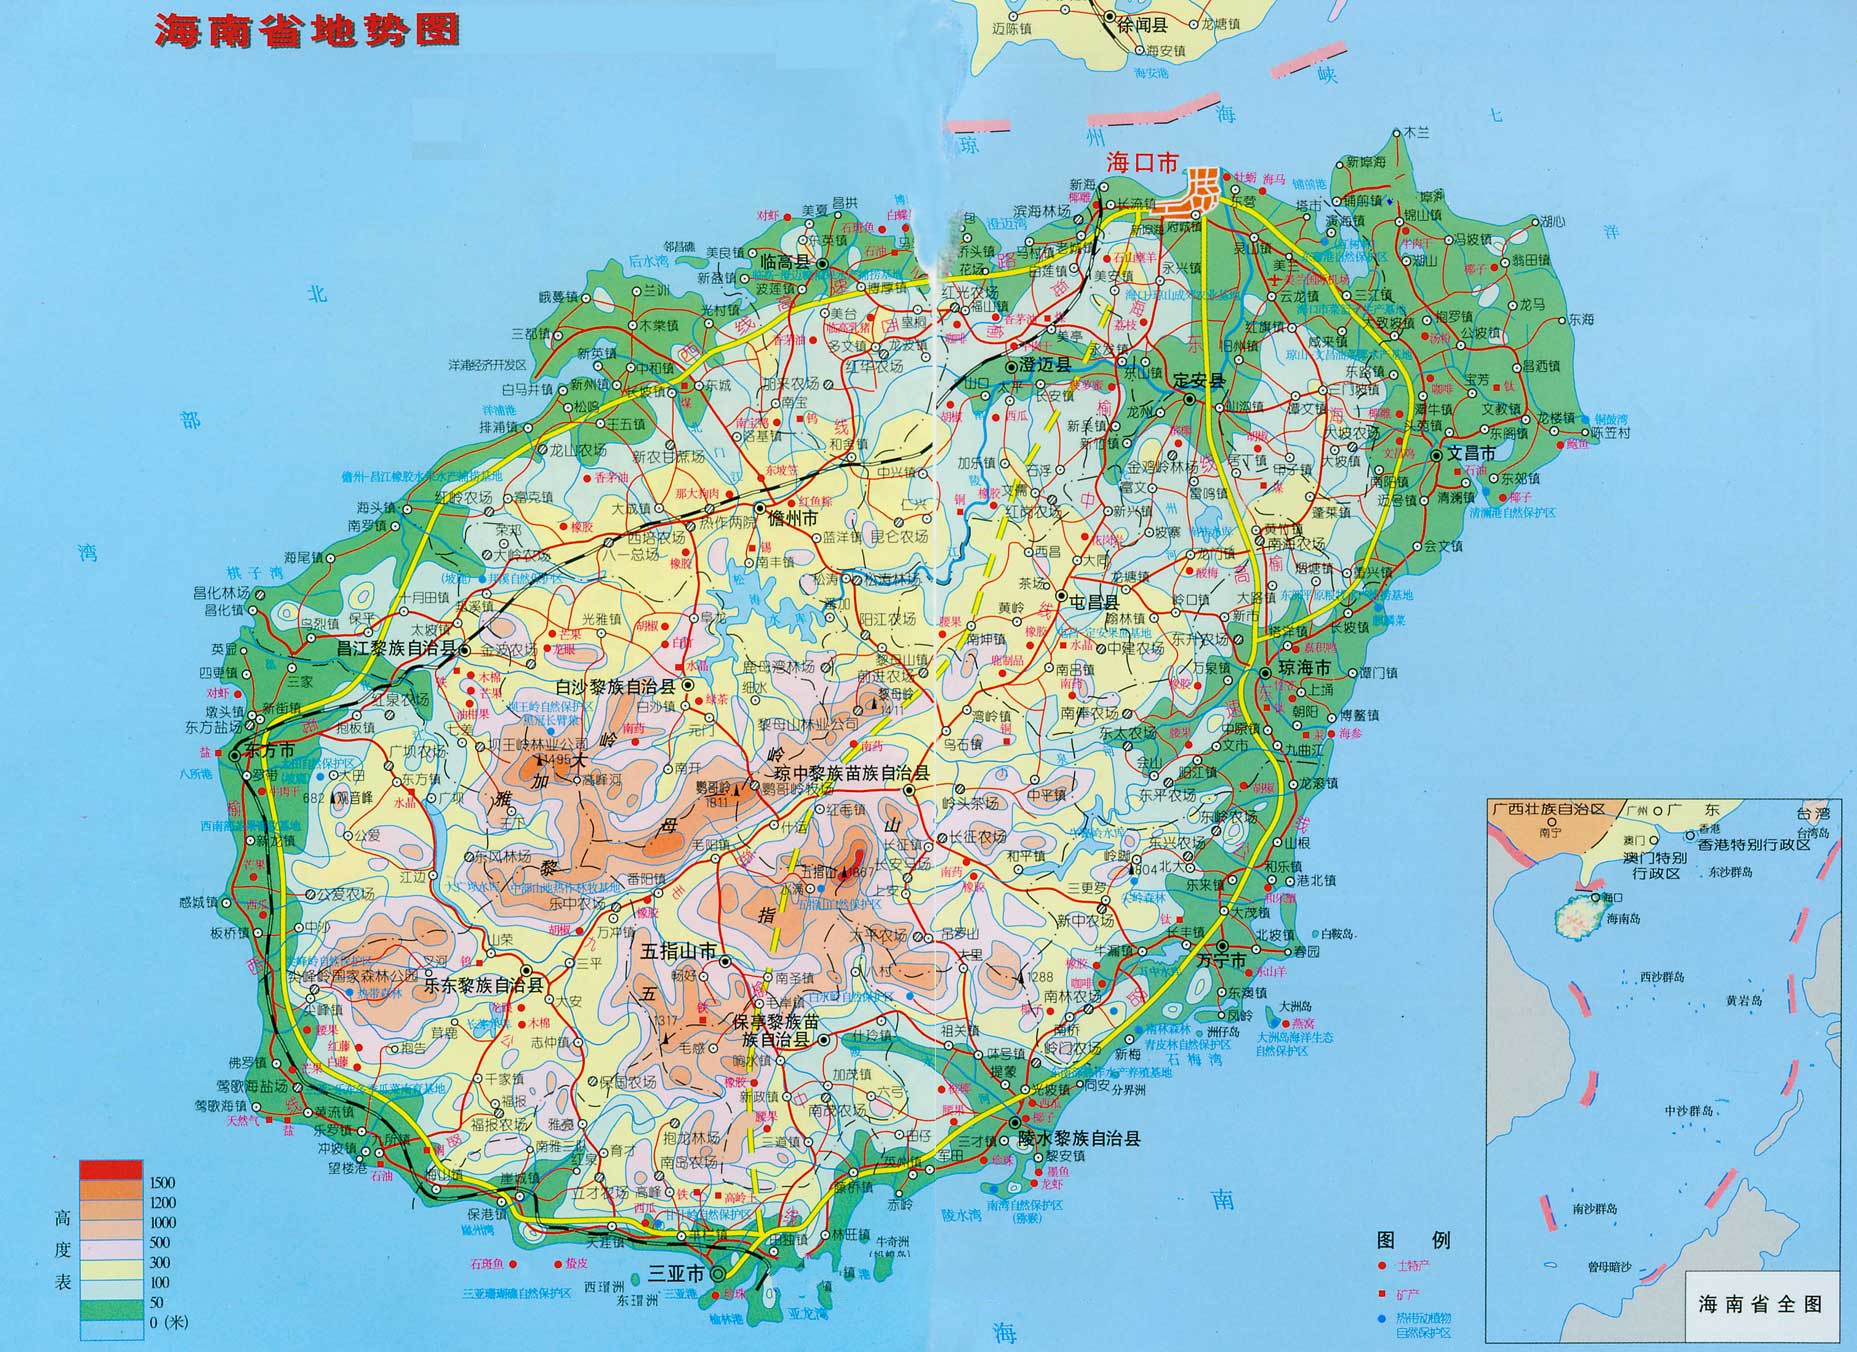 海南岛地形图_海南地图查询